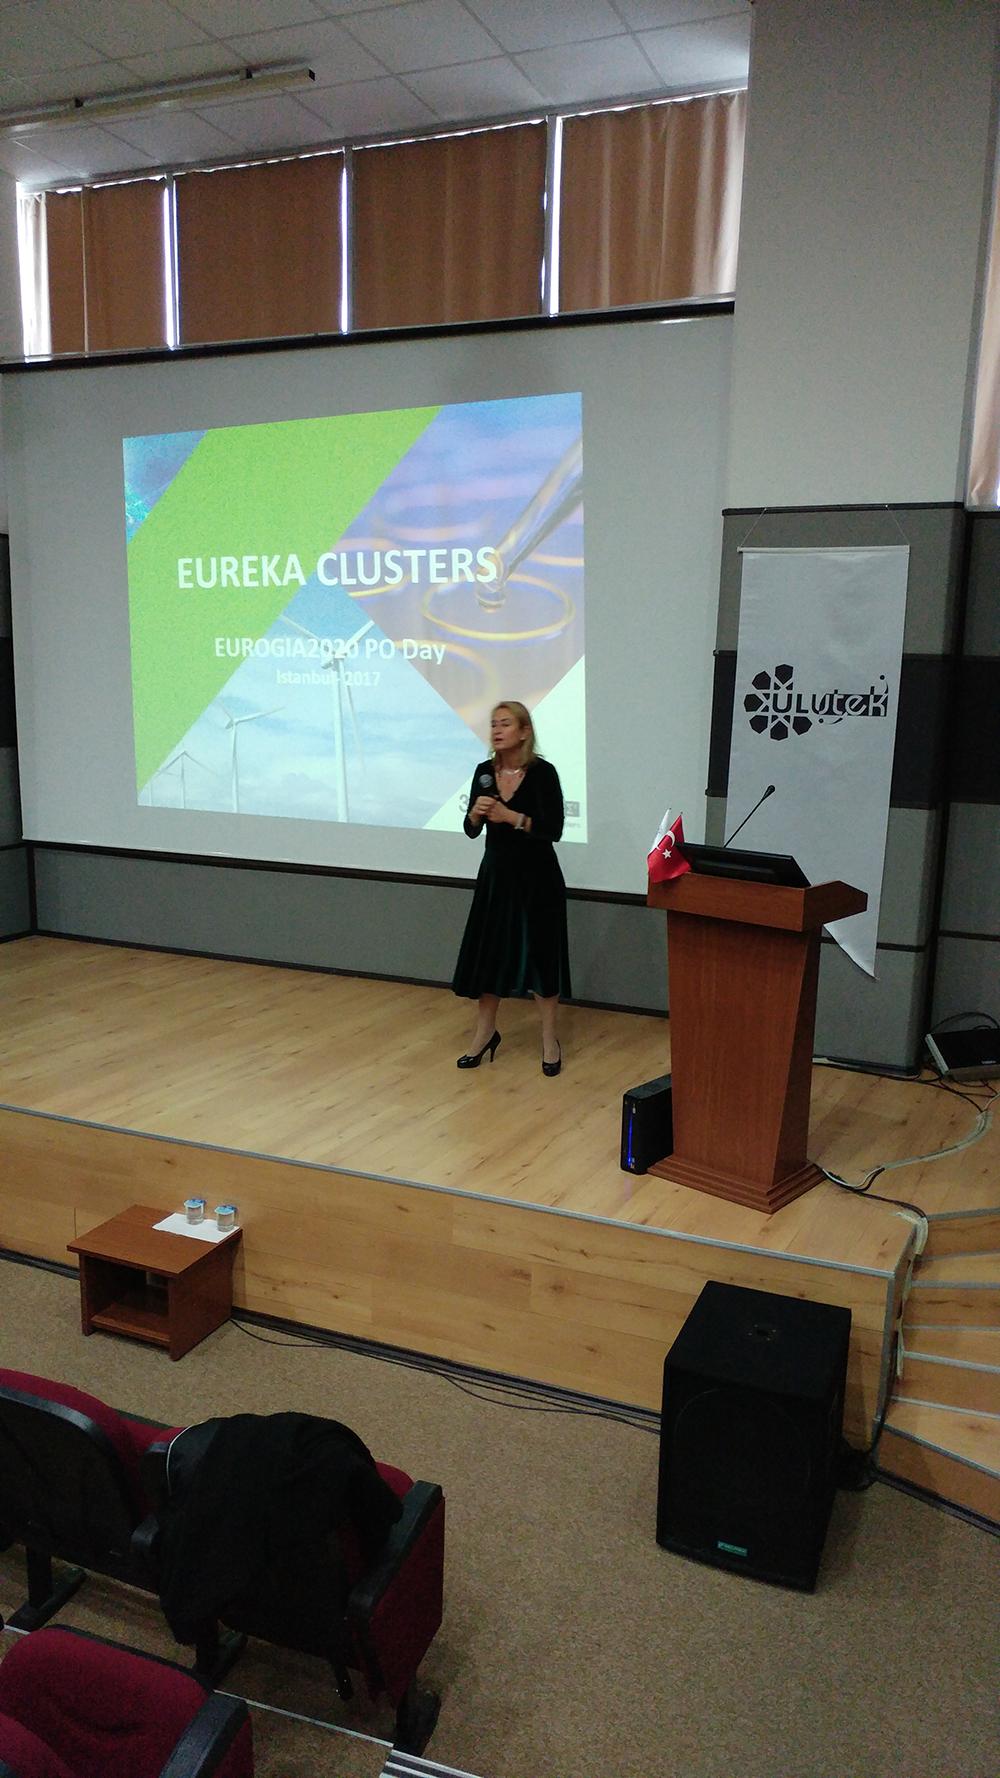 Eureka Kümeleri ve Uluslararası İşbirliği Fırsatları Konferansı Gerçekleşti